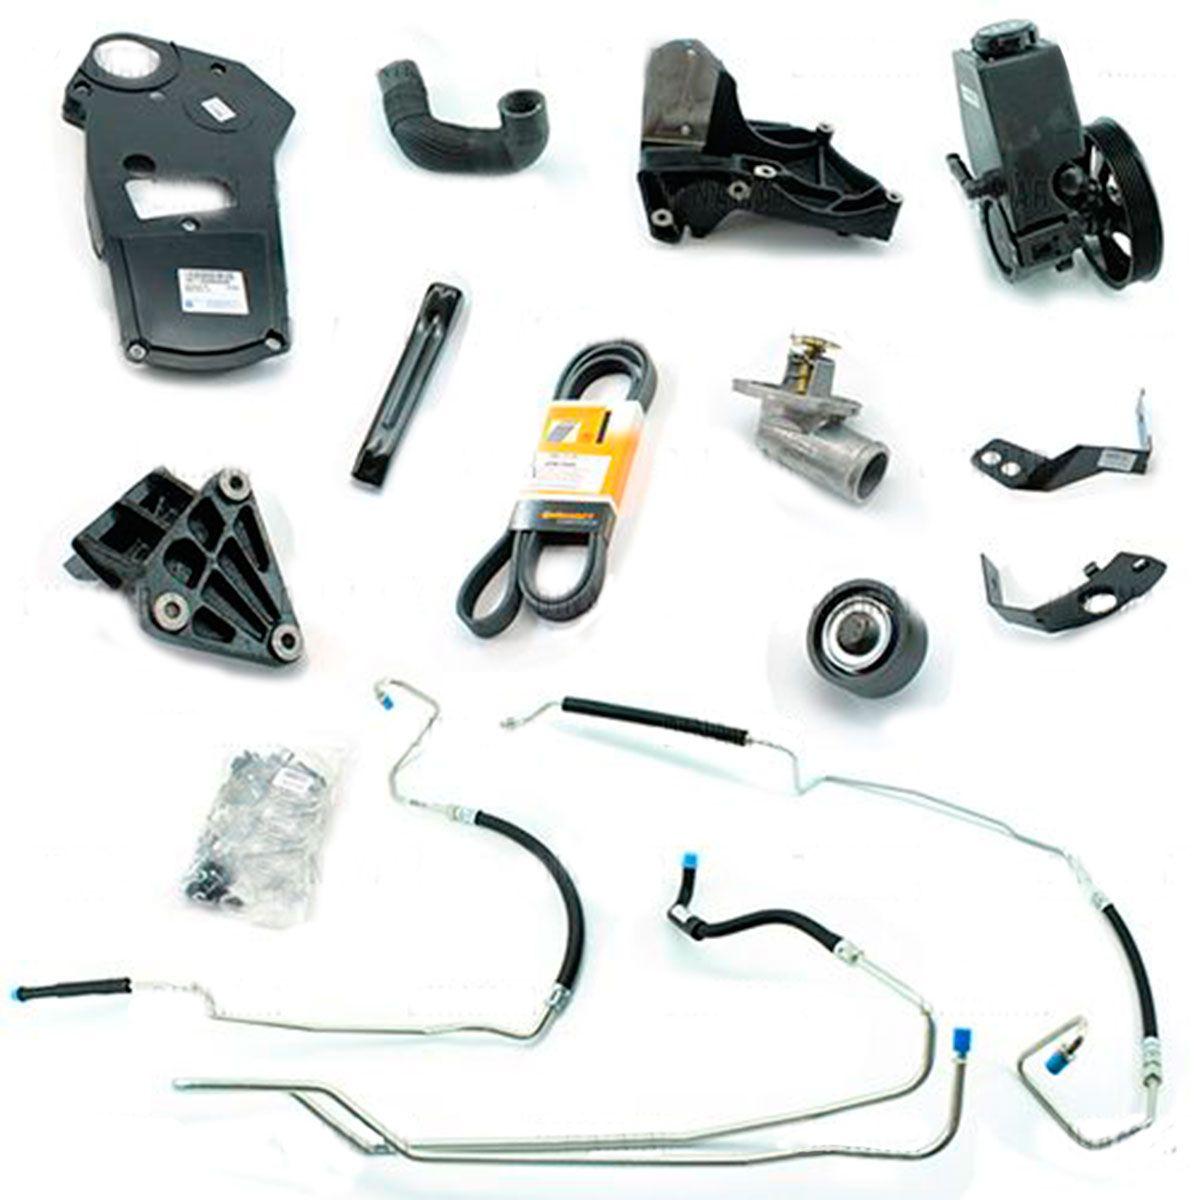 Kit De Direção Hidráulica Do Chevrolet Astra Motor 8V De 1999 Em Diante (Sem Caixa Conversão De Eletro Hidráulico Para Hidráulico)